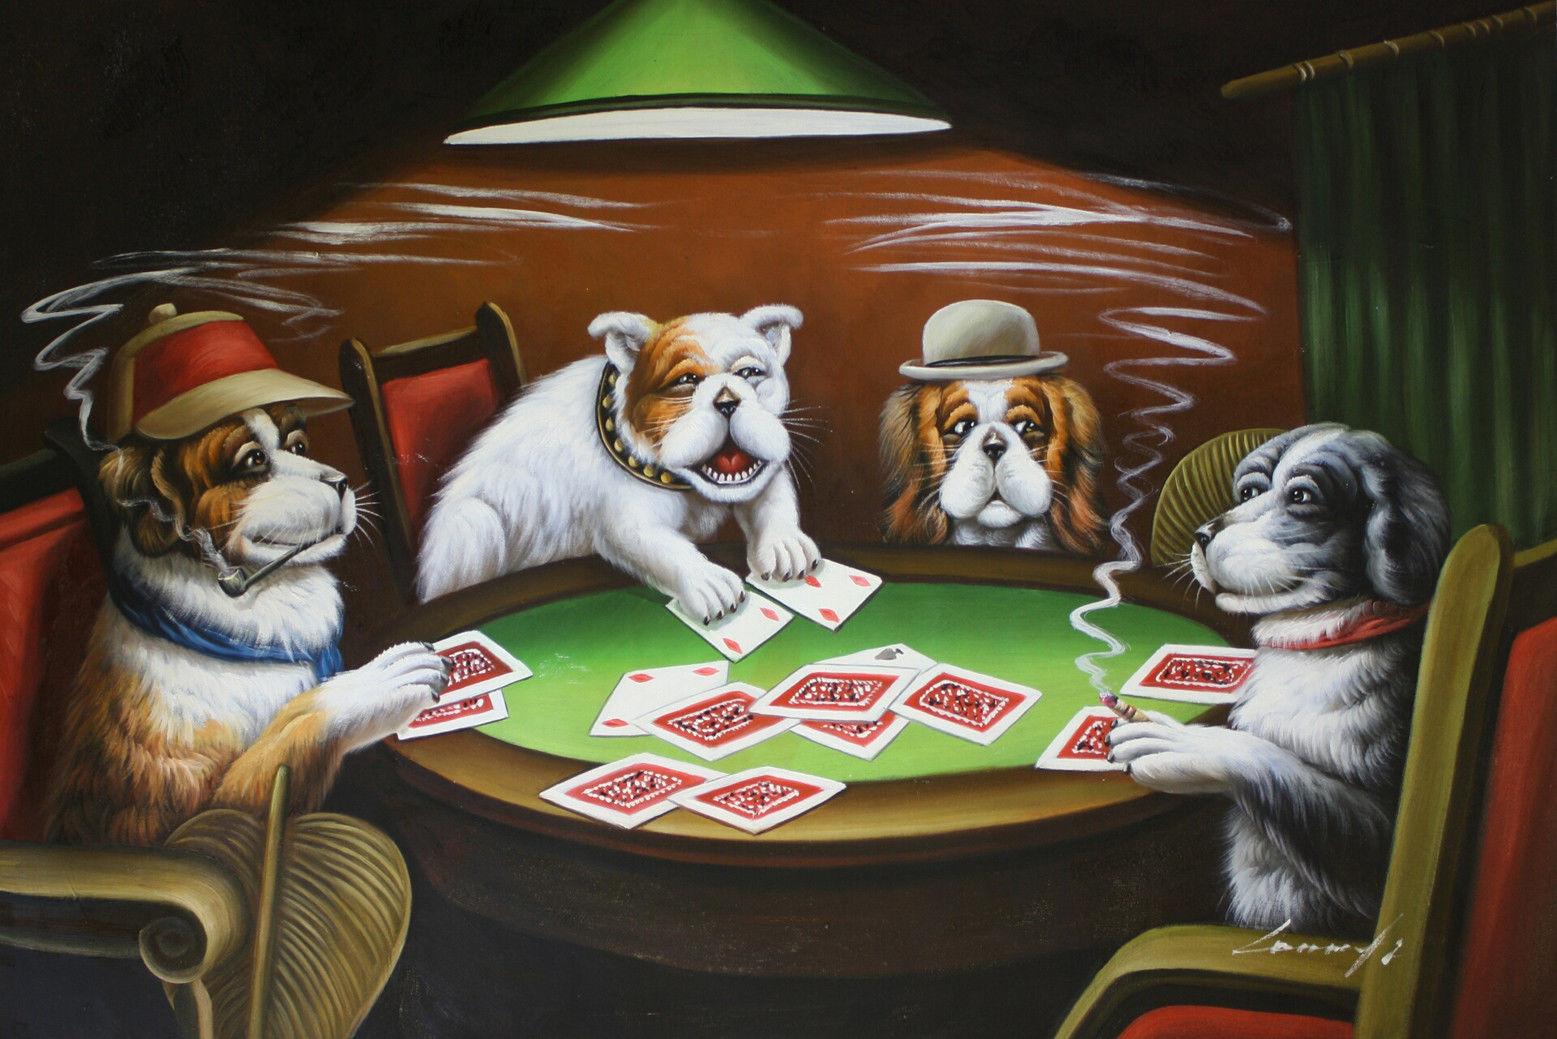 Perros Jugando Poker Vintage Poster En Tela 36x24 Decoracion 05 En